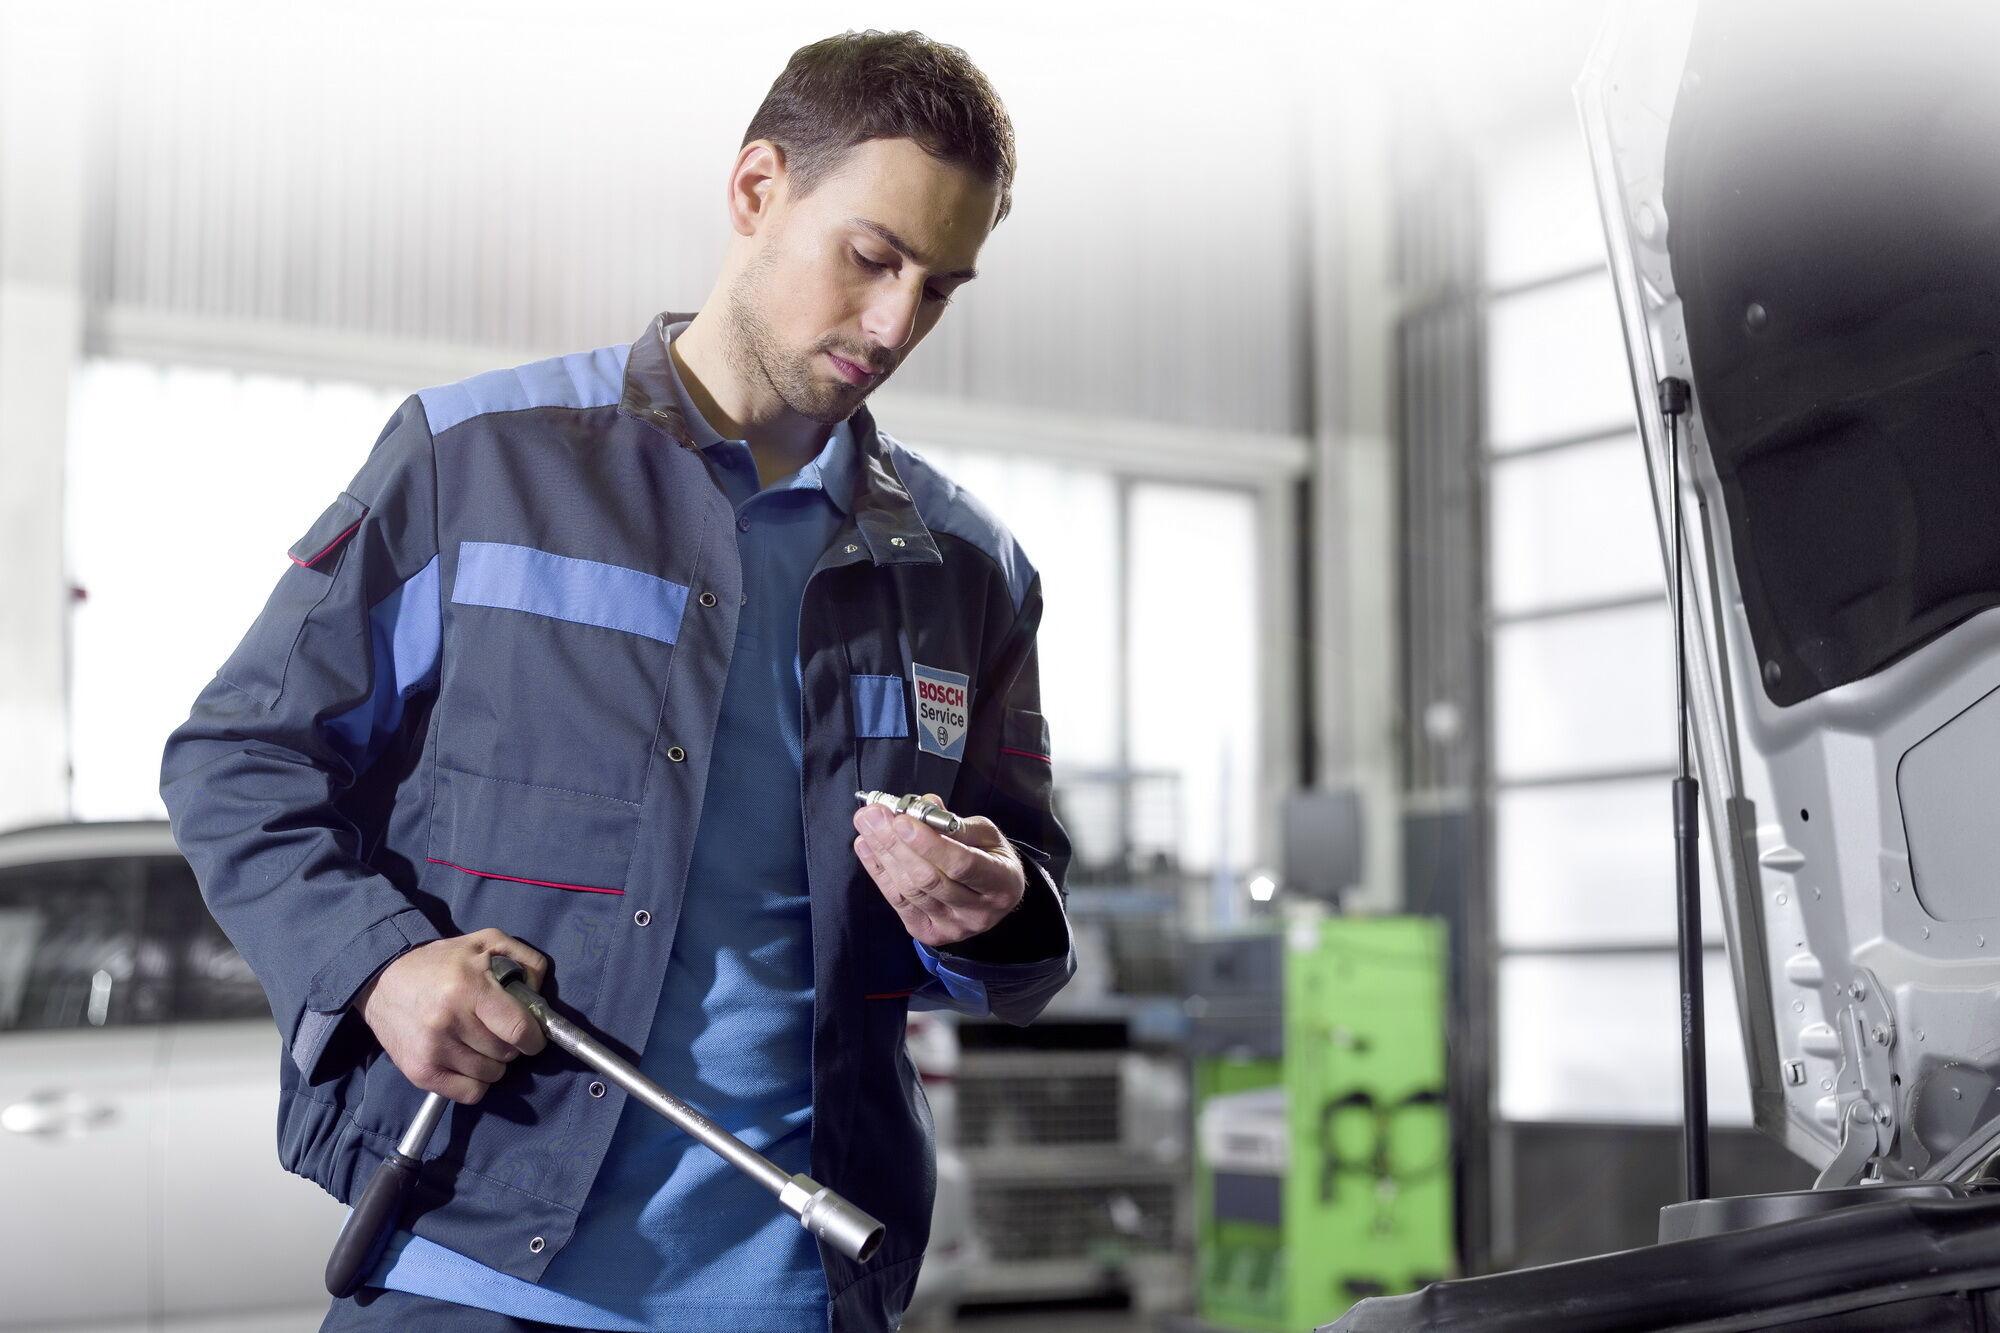 Інтервали заміни свічок запалювання можна знайти у керівництві по експлуатації автомобіля